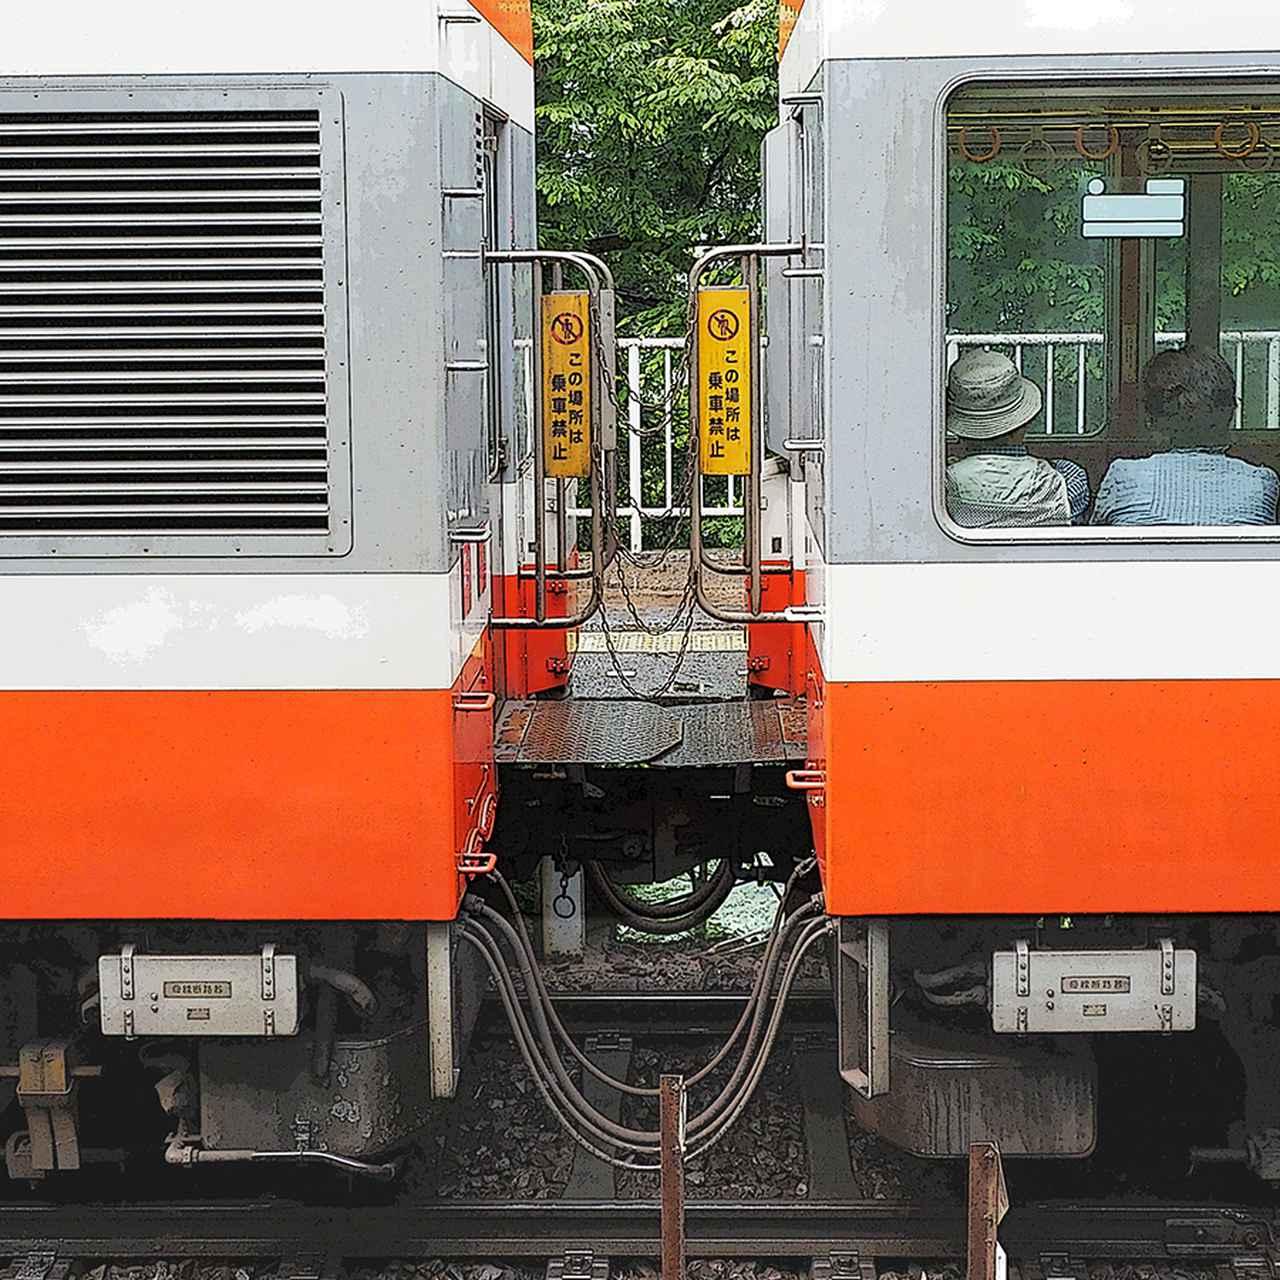 Images : 5番目の画像 - モンスターマシン 022 箱根登山鉄道 - Webモーターマガジン